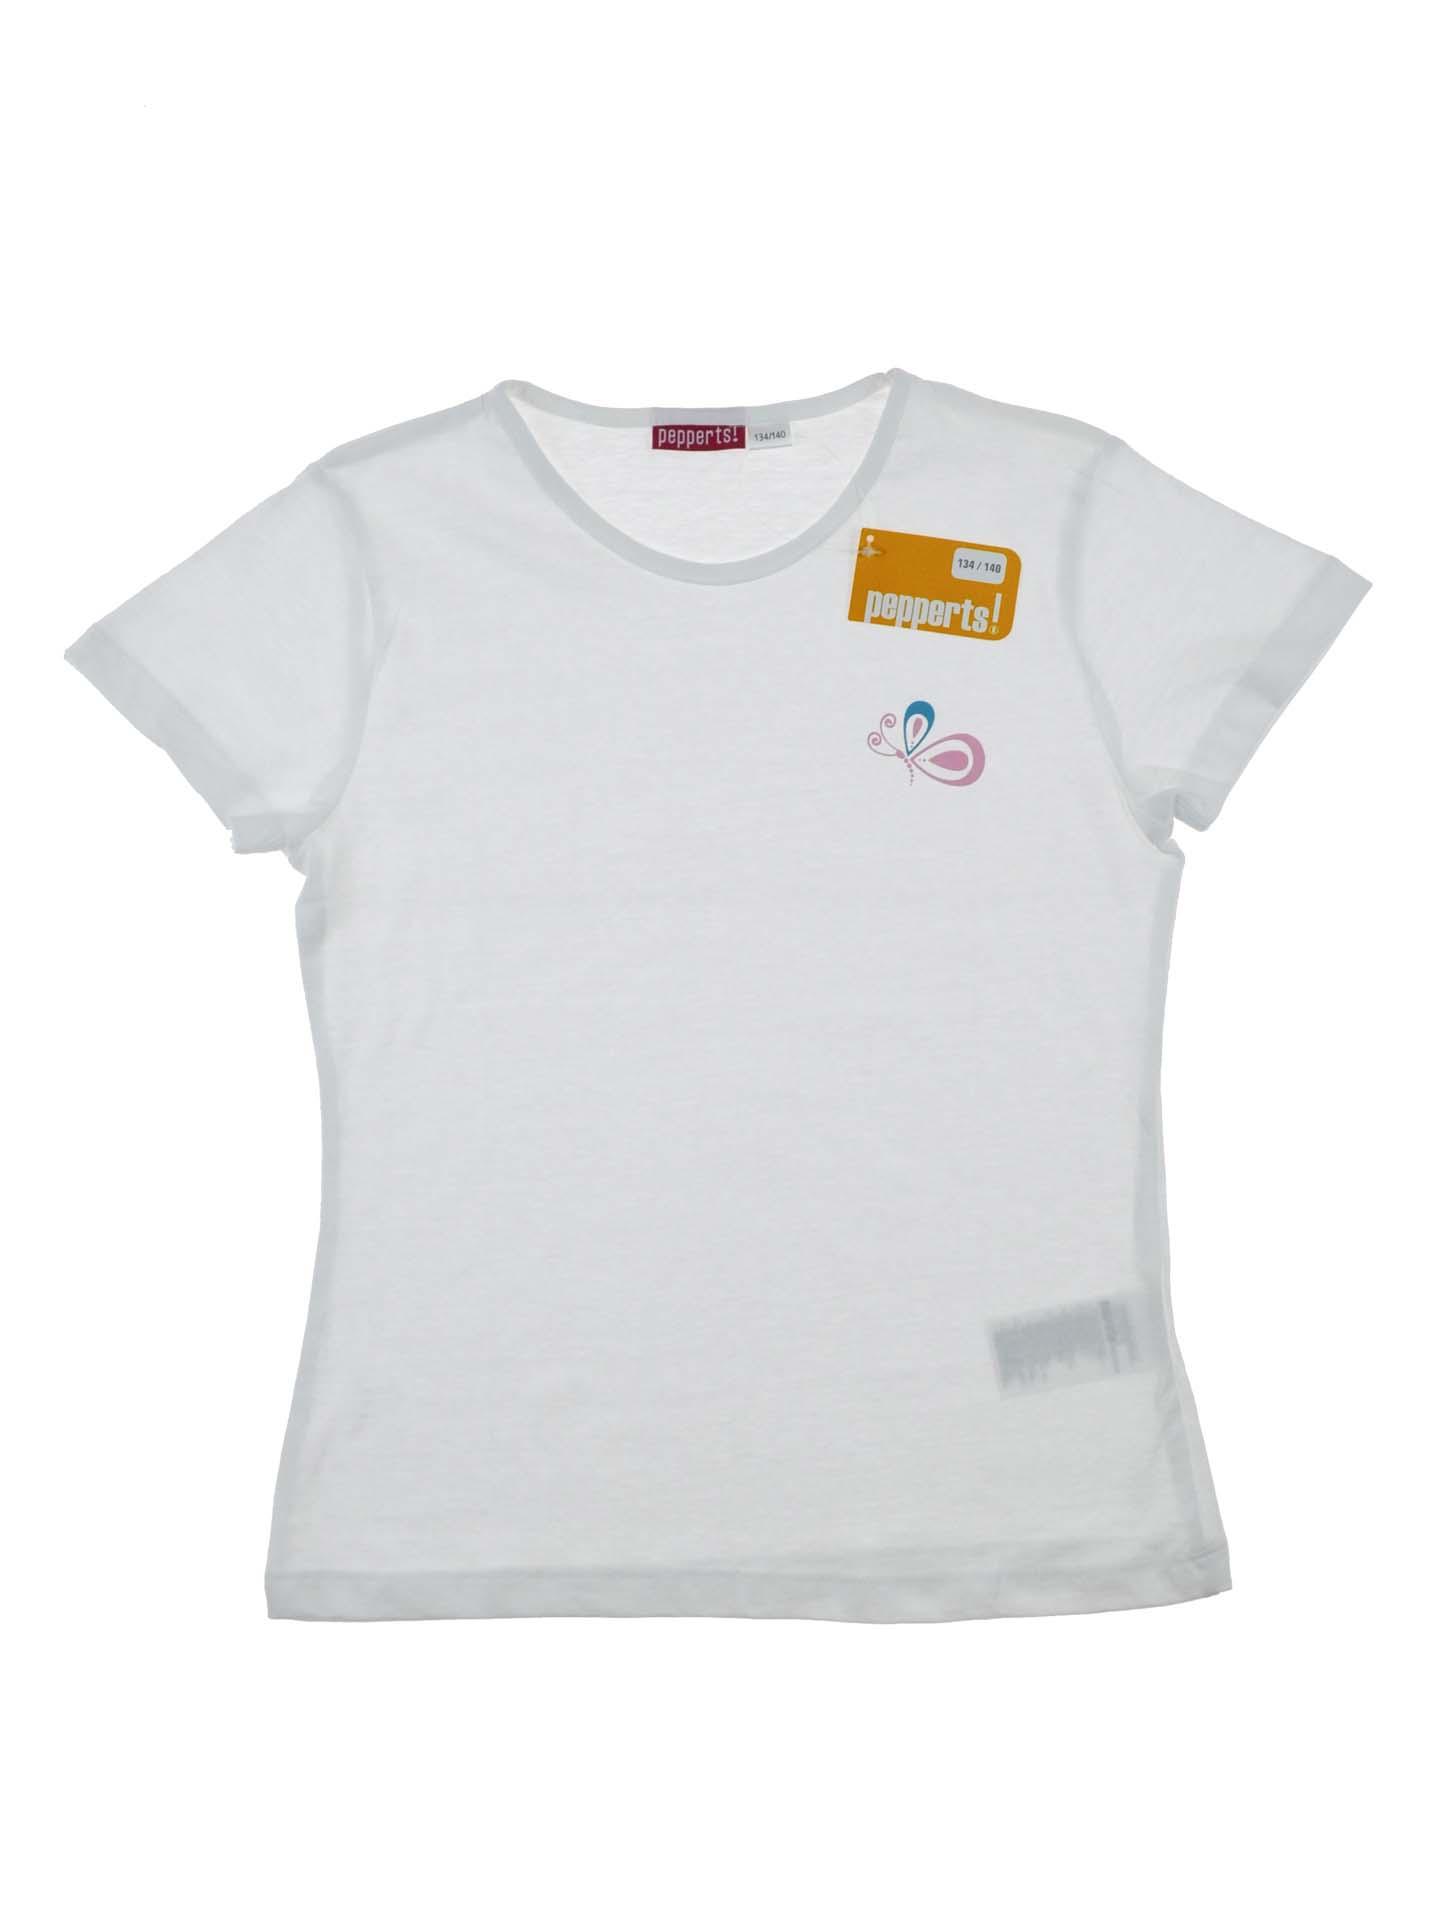 Купити Біла футболка для дівчинки 8-10 років  f3bf39d31bfca